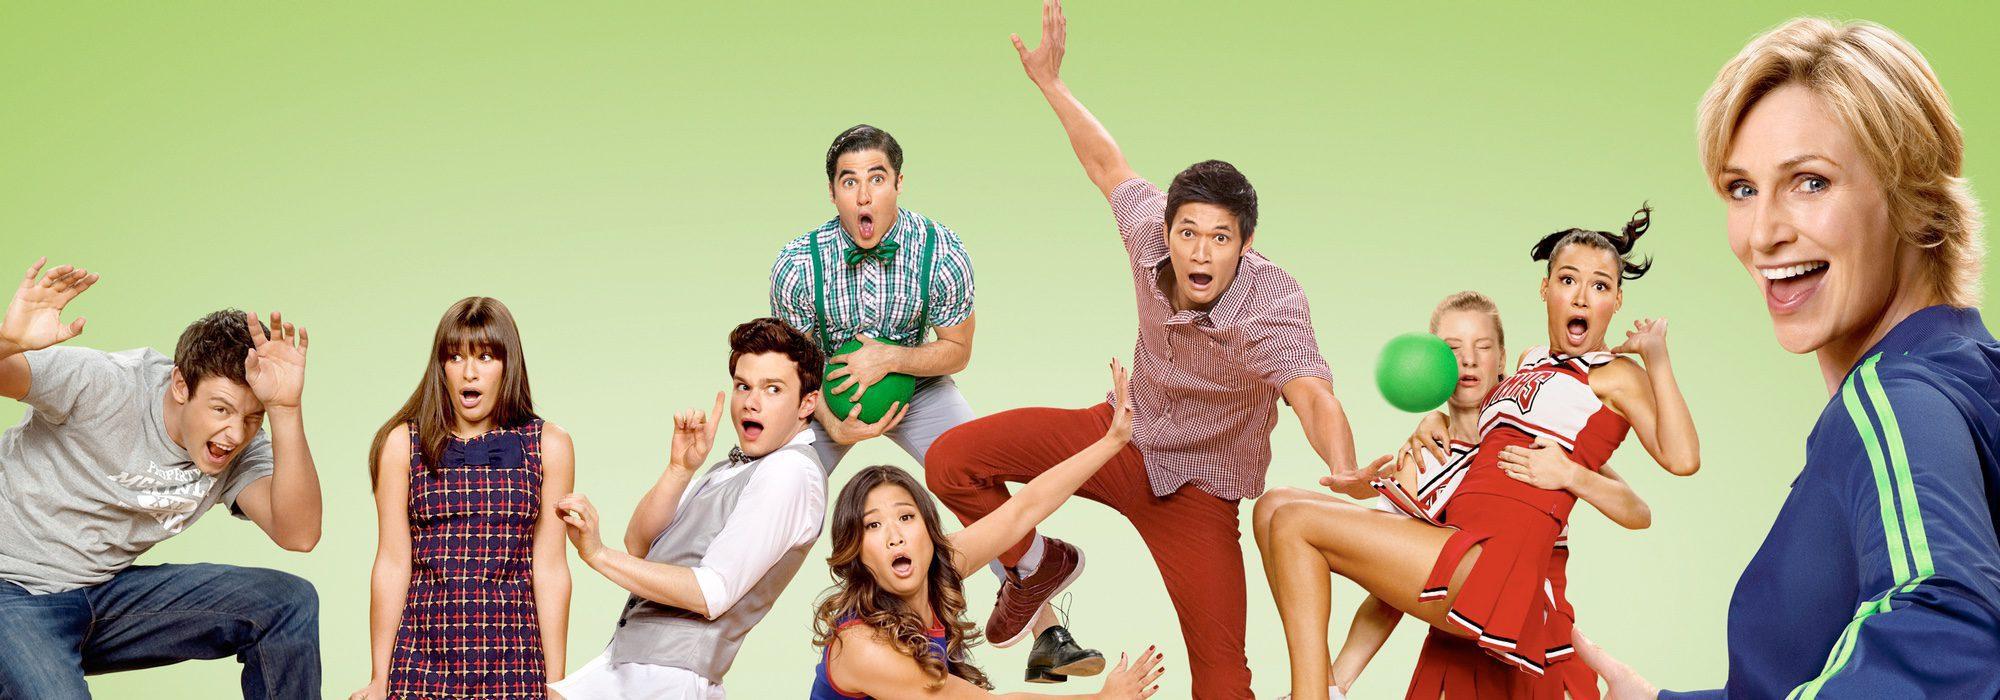 Capítulos Glee: Todos los episodios